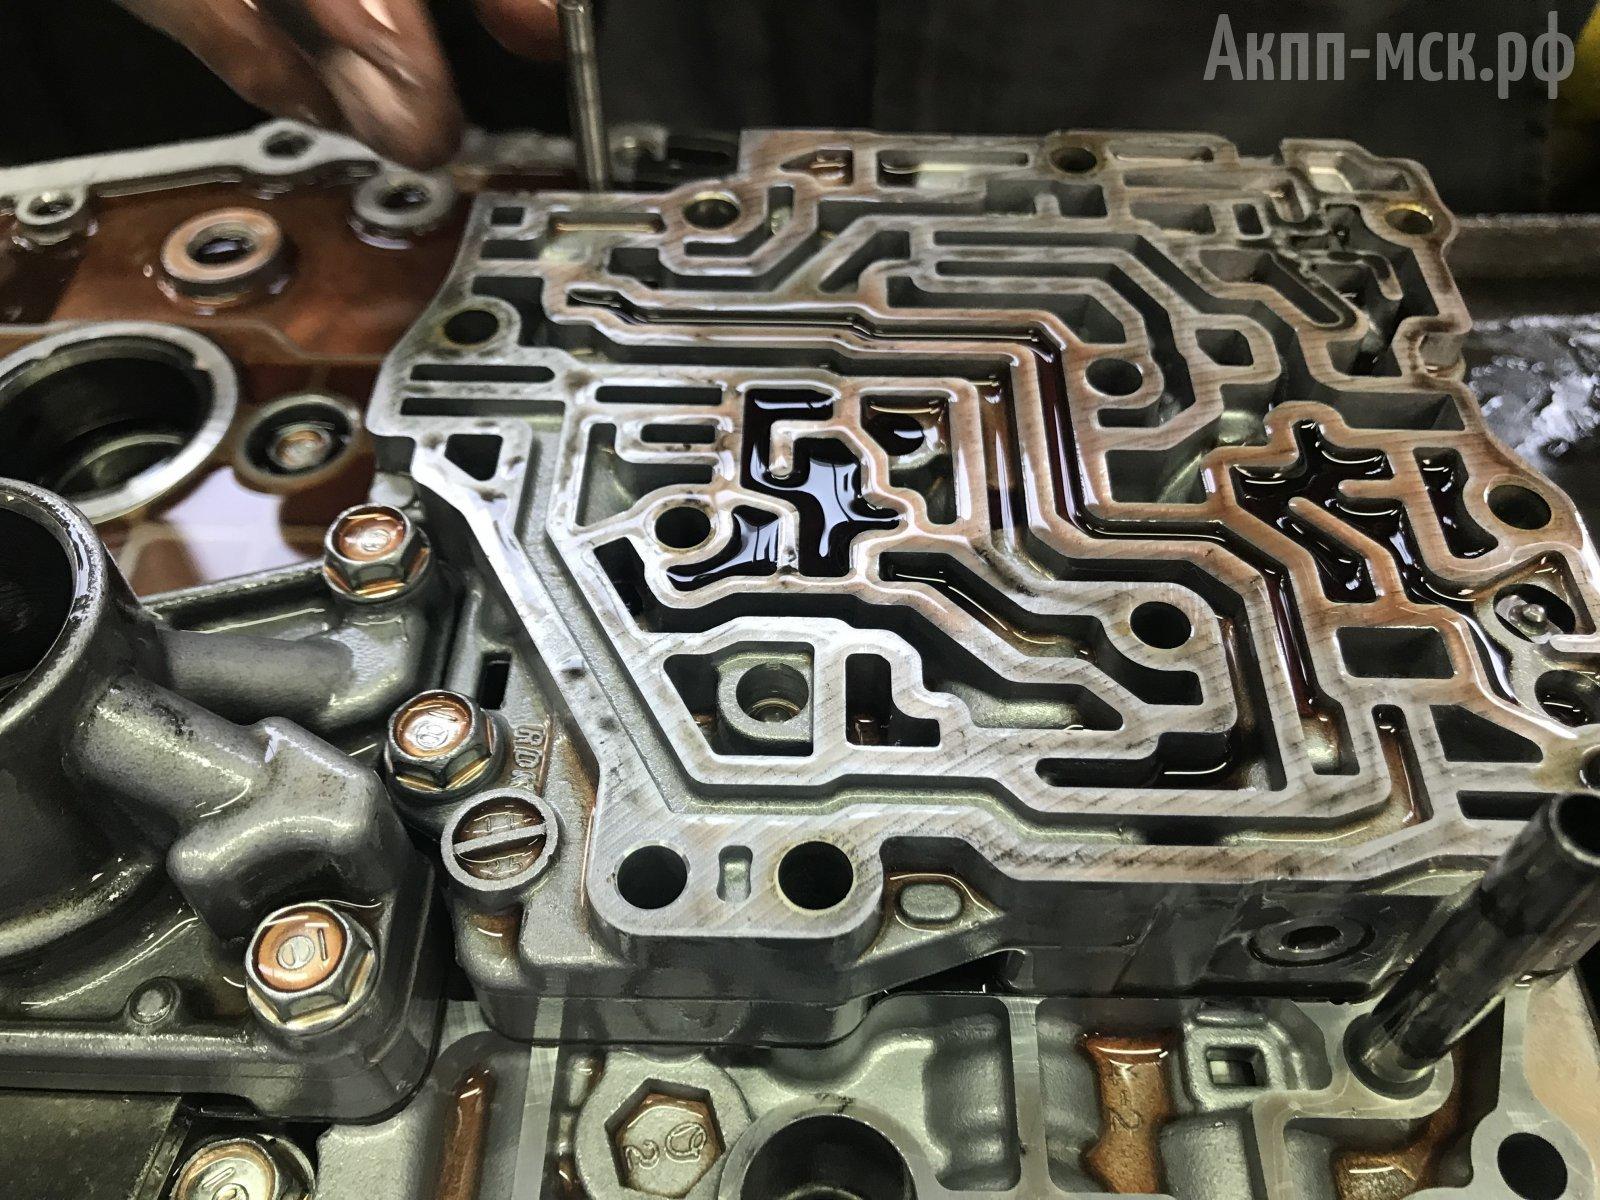 гидроплита АКПП BJFA Honda Ridgeline